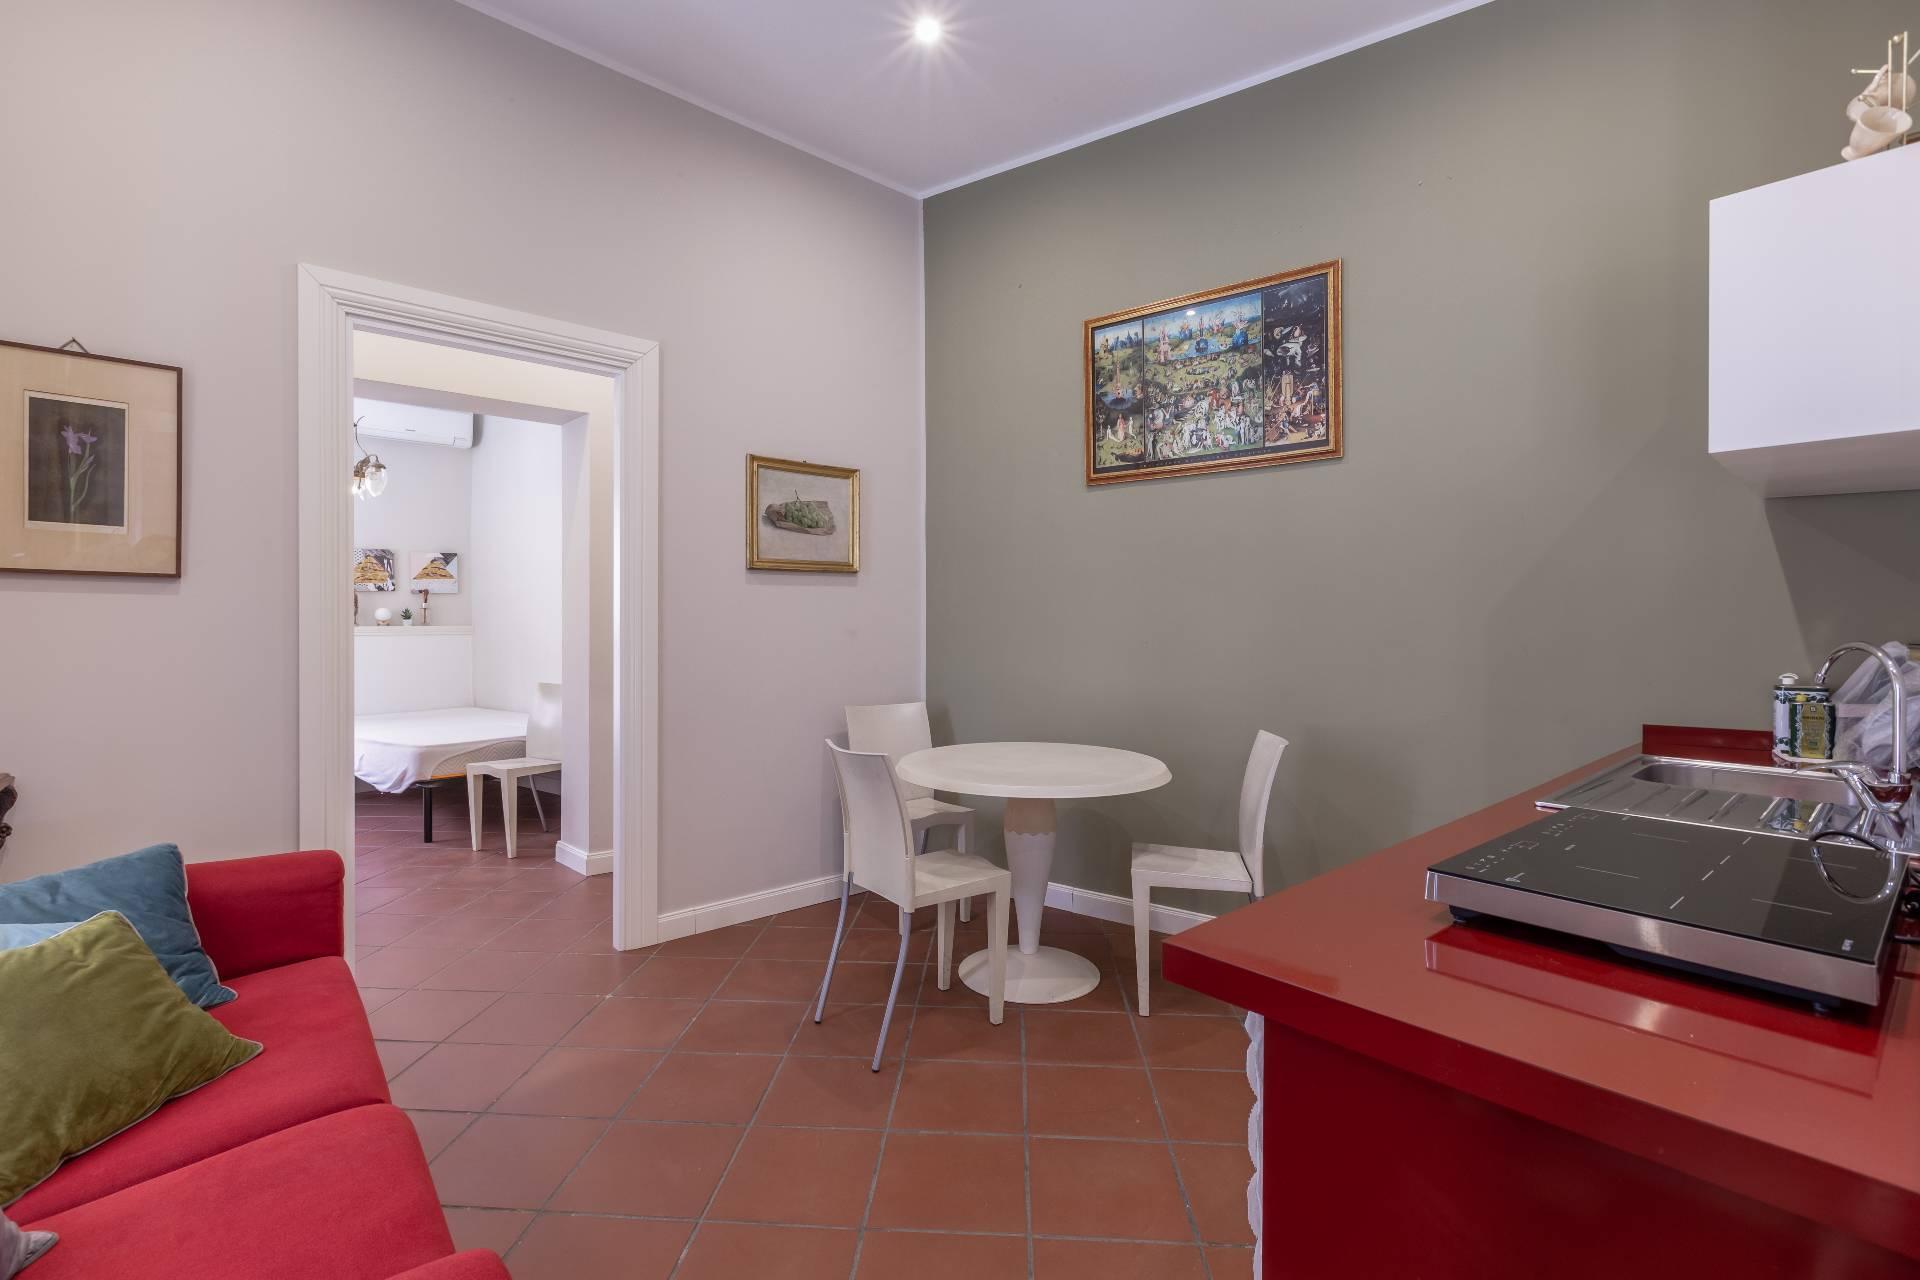 Casa indipendente in Vendita a Roma: 3 locali, 66 mq - Foto 4